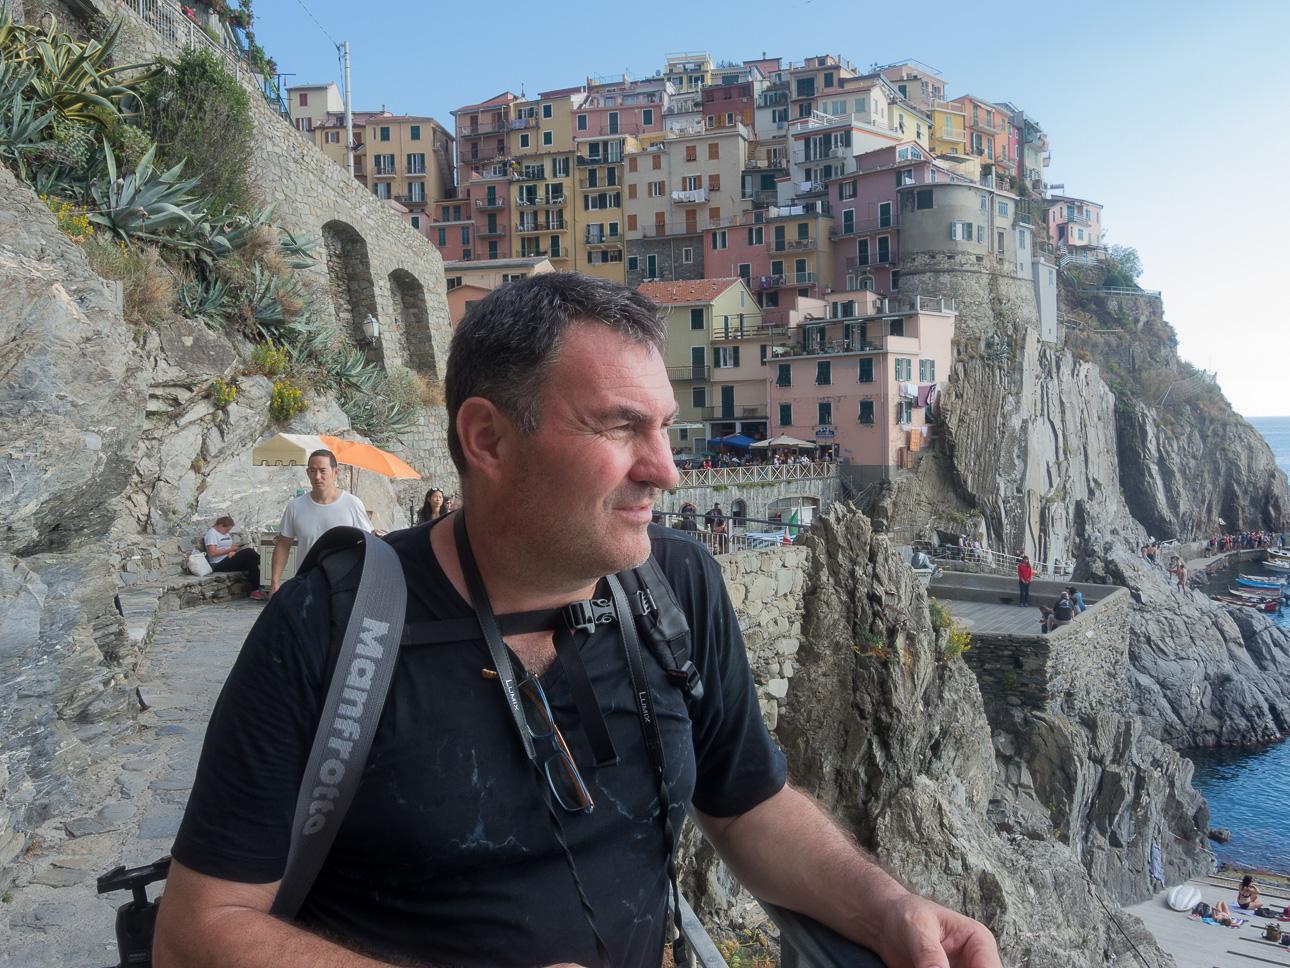 Fotoreise Manarola Cinque Terre in Liguren 0104